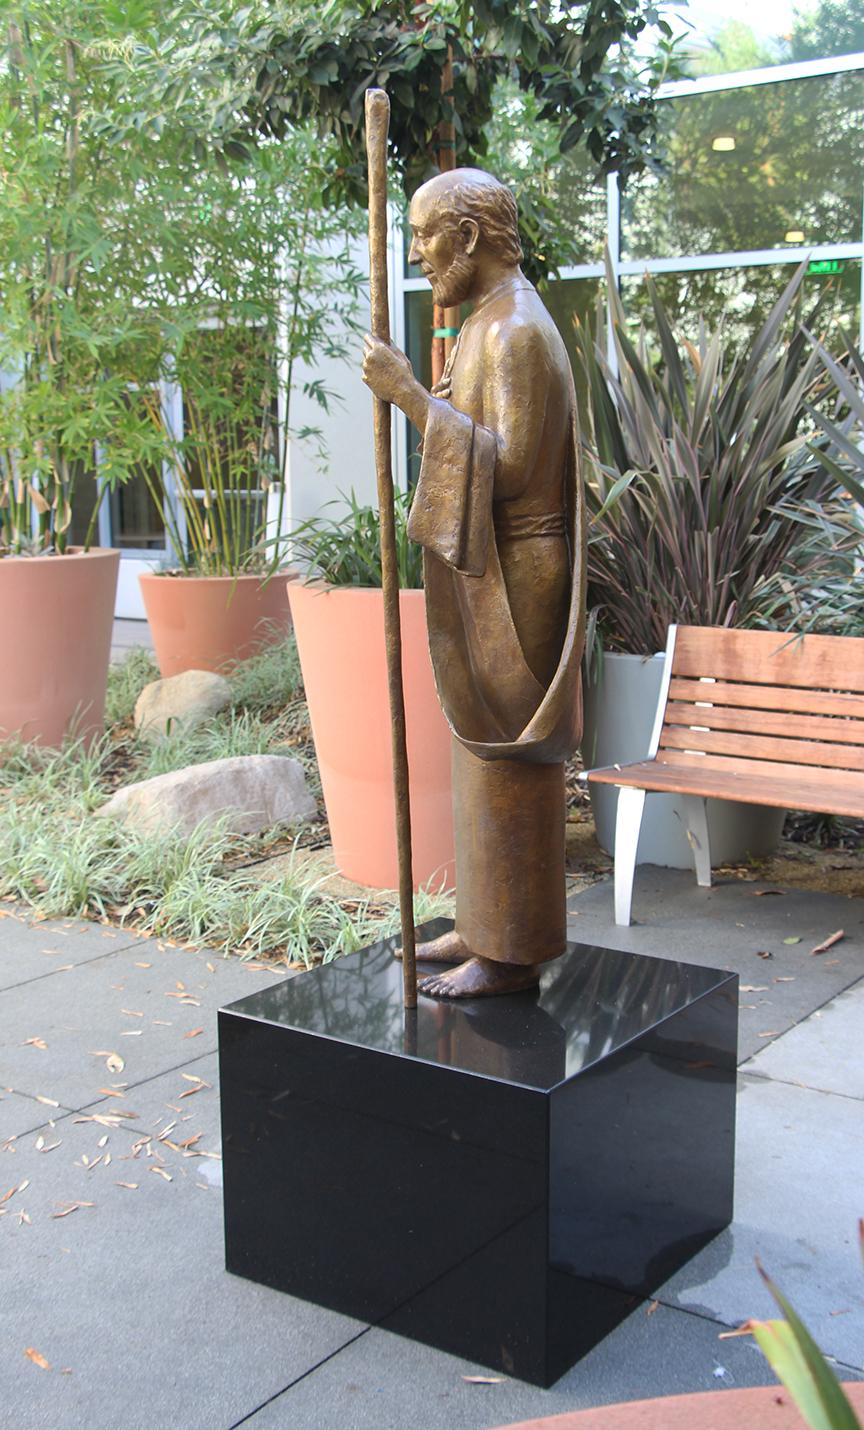 Karen Schmidt Sculpture's St. Jude in Healing Garden